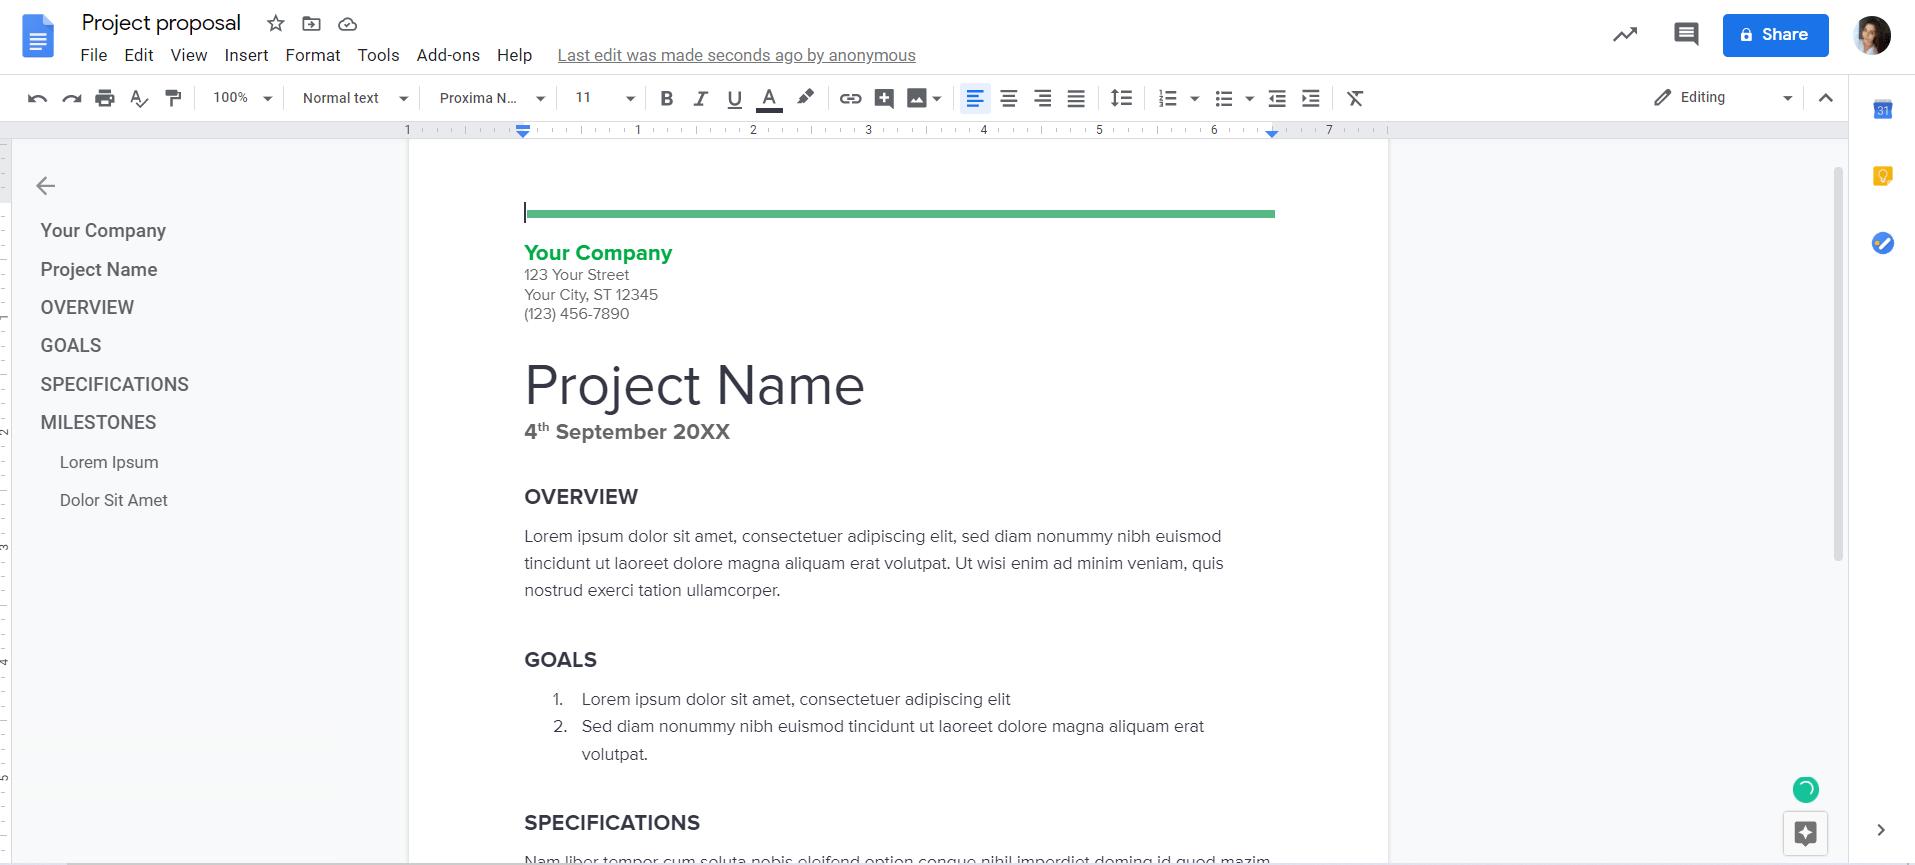 G Suite Project Management